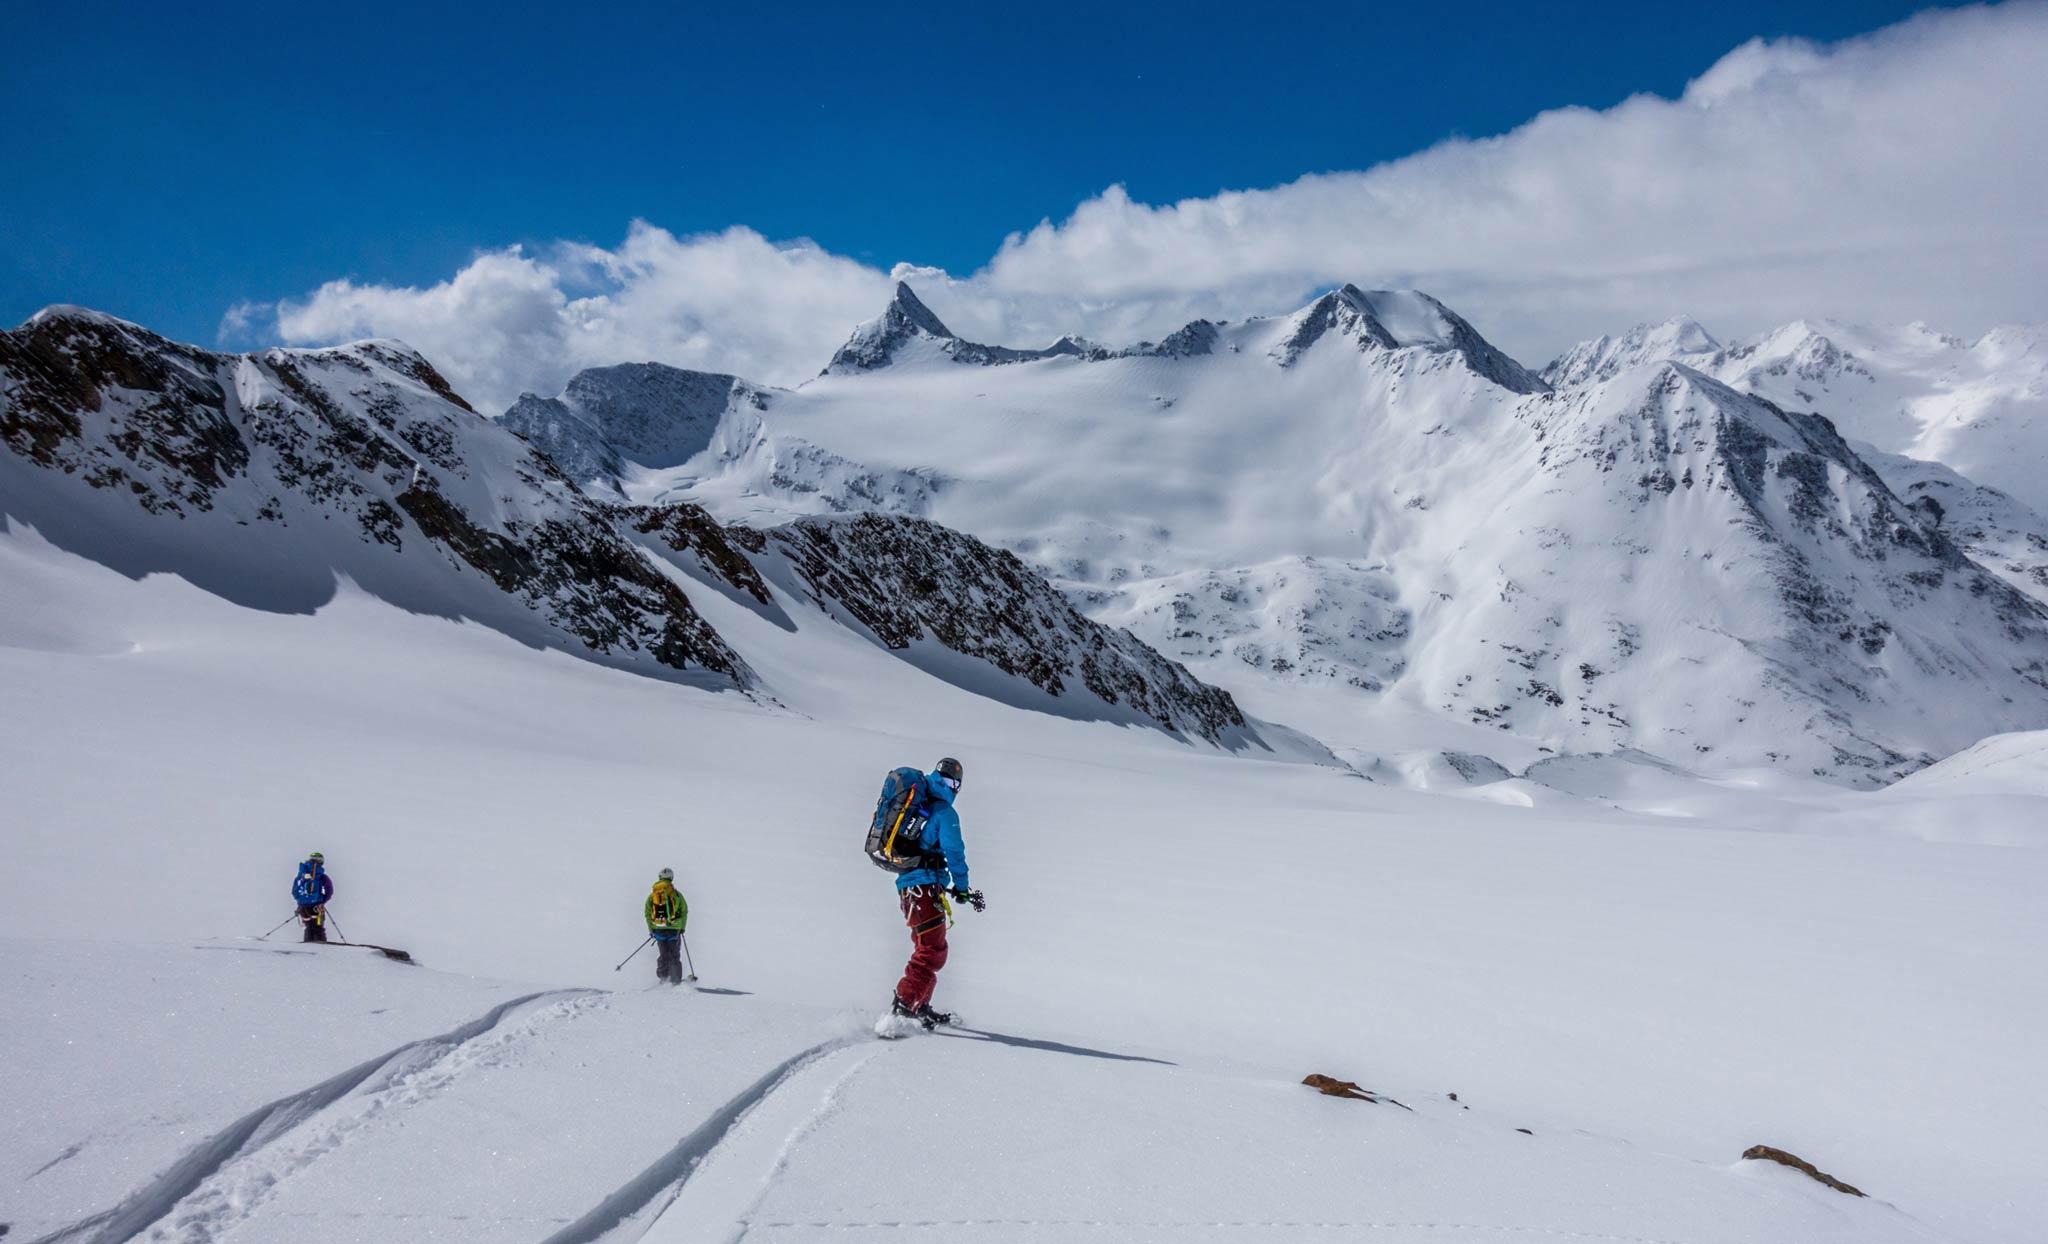 Neben theoretischen Kenntnissen wird man natürlich auch praktische Erfahrung am Berg sammeln - Foto: Heli Düringer